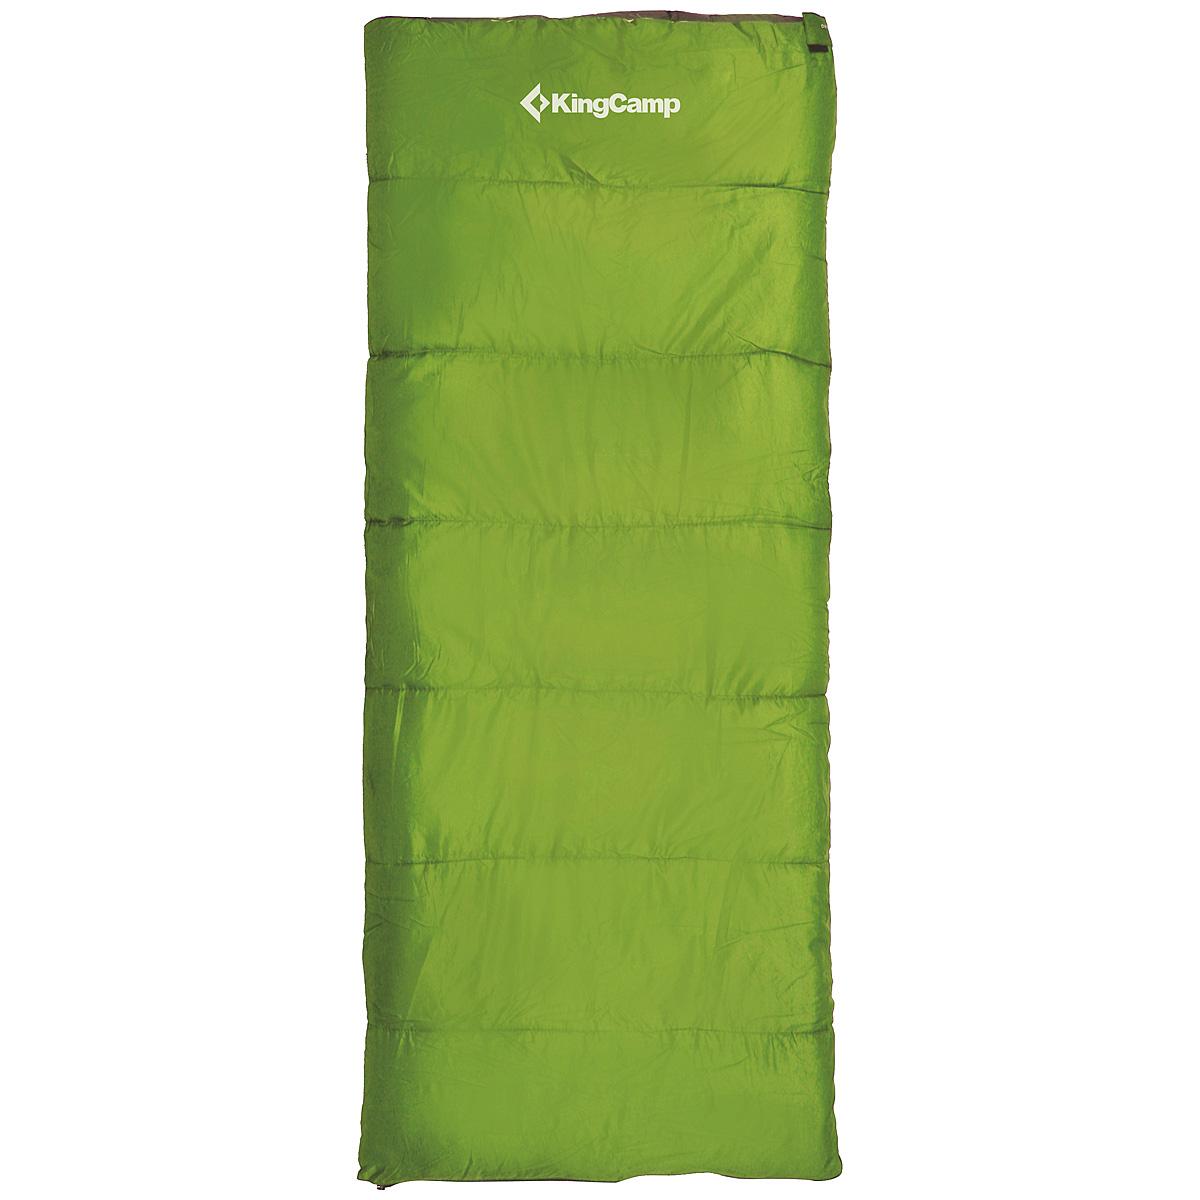 Спальный мешок-одеяло KingCamp OXYGEN, цвет: зеленый. ks3122УТ-000050441Комфортный спальник-одеяло имеет прямоугольную форму и одинаковую ширину как вверху, так и внизу, благодаря чему ноги чувствуют себя более свободно. Молния располагается на боковой стороне, благодаря чему при её расстёгивании спальник превращается в довольно большое одеяло.